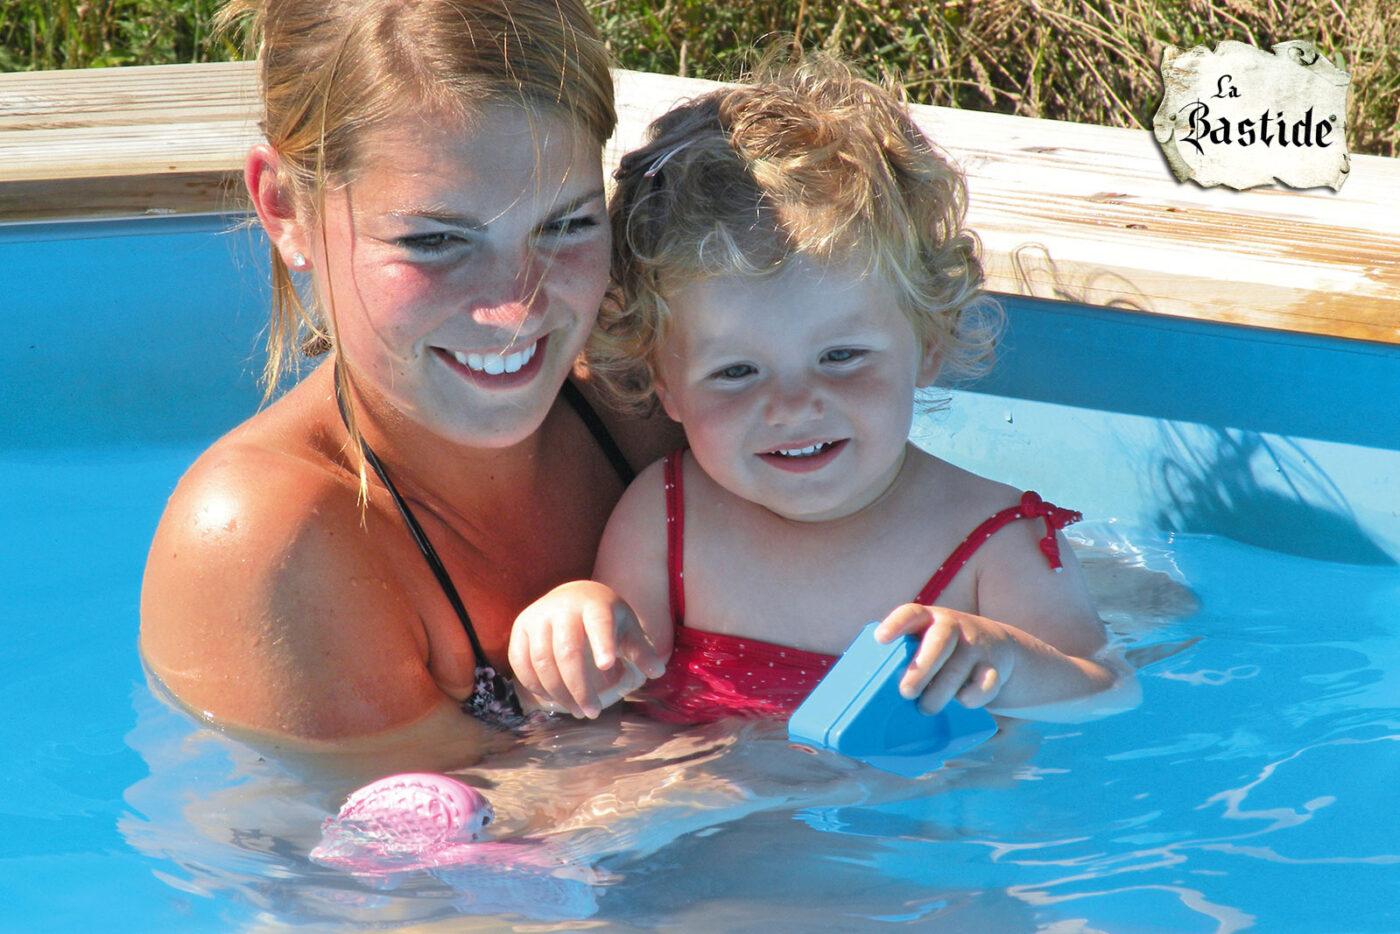 Kinderzwembad op La-Bastide moeder en dochter zwemmen vakantiedomein zwemmen